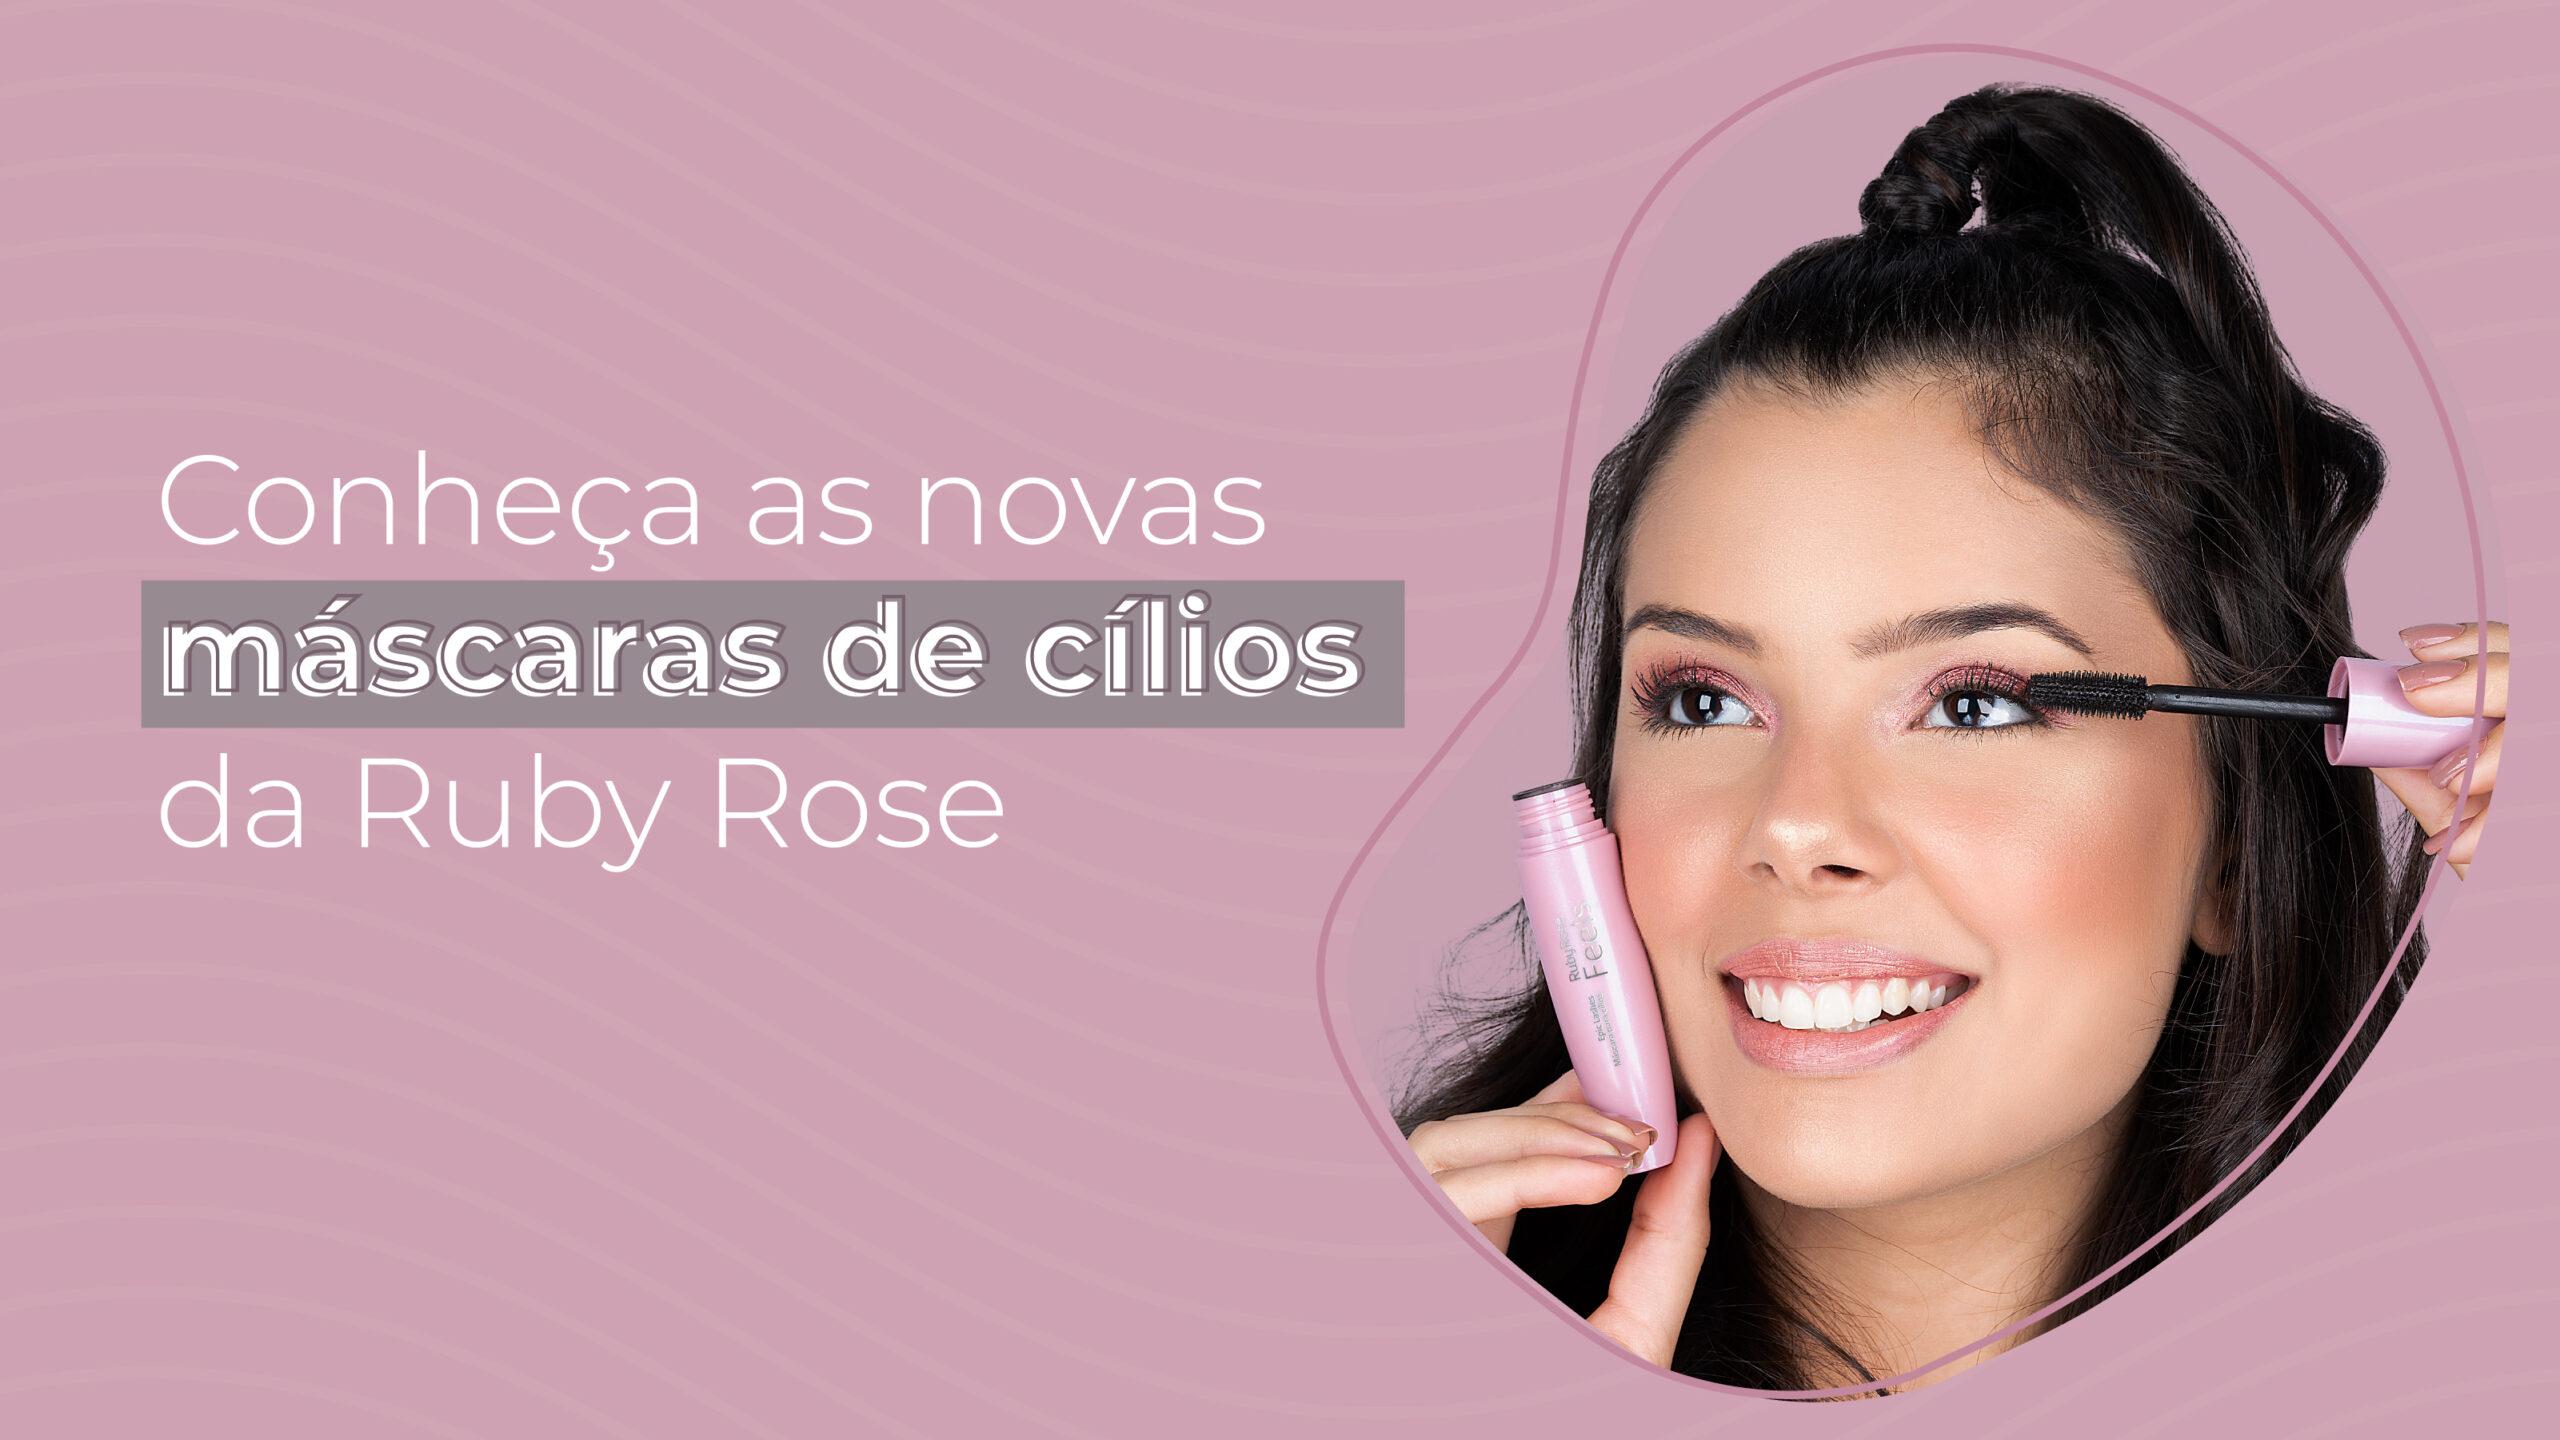 Máscara de cílios: Ruby Rose lança máscaras com fibras e vitamina E